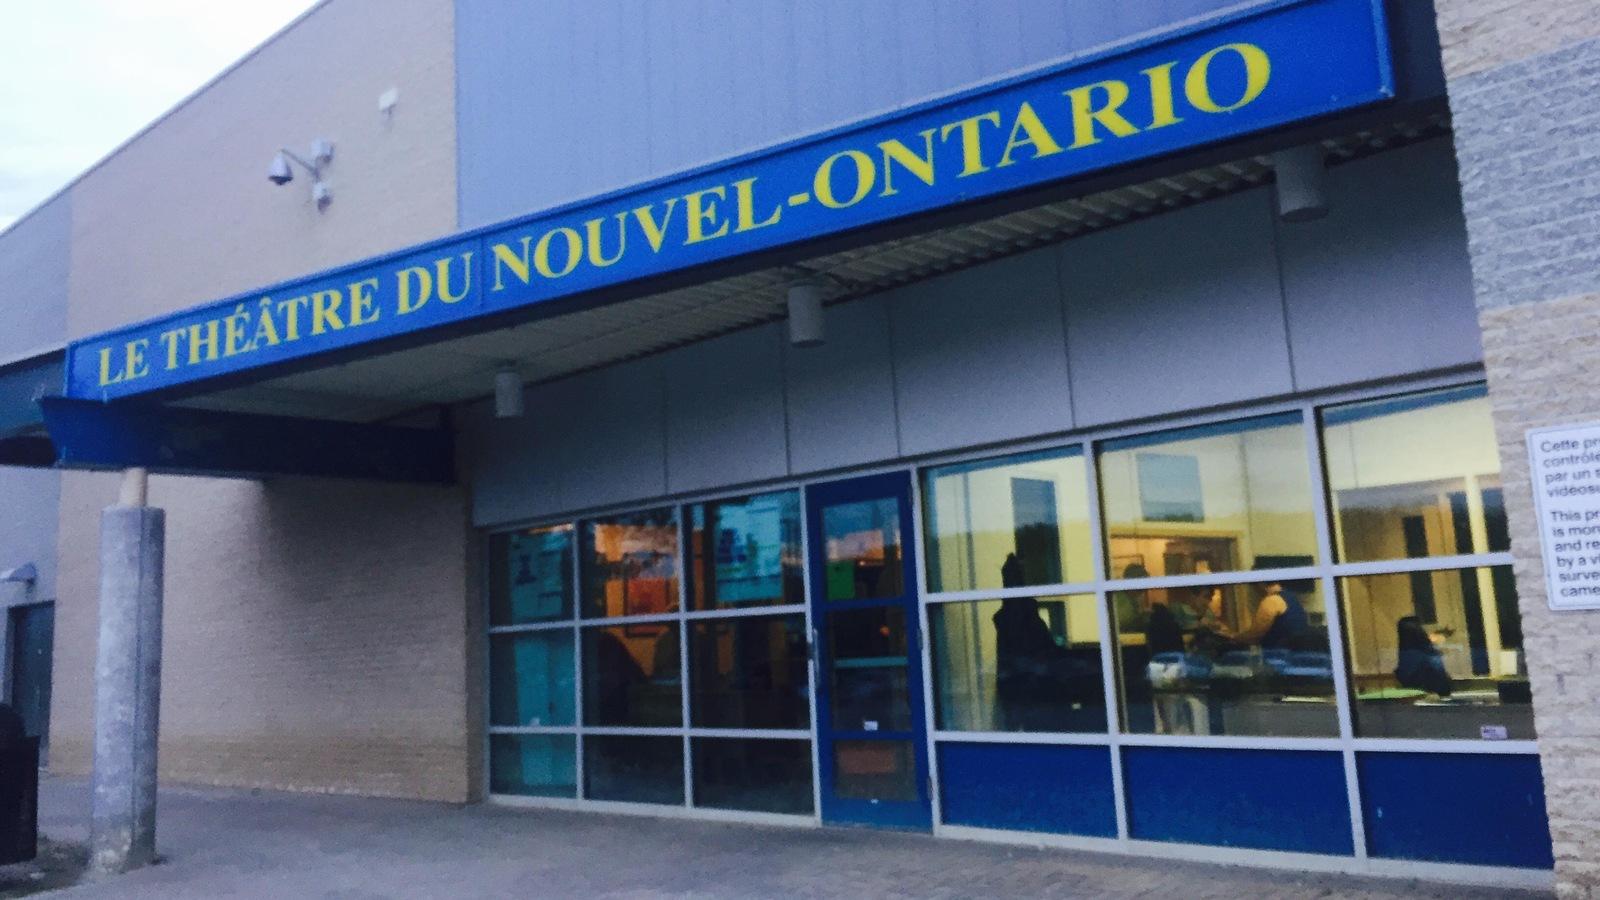 La devanture du théâtre. Le nom est écrit en lettres jaunes sur fond bleu.